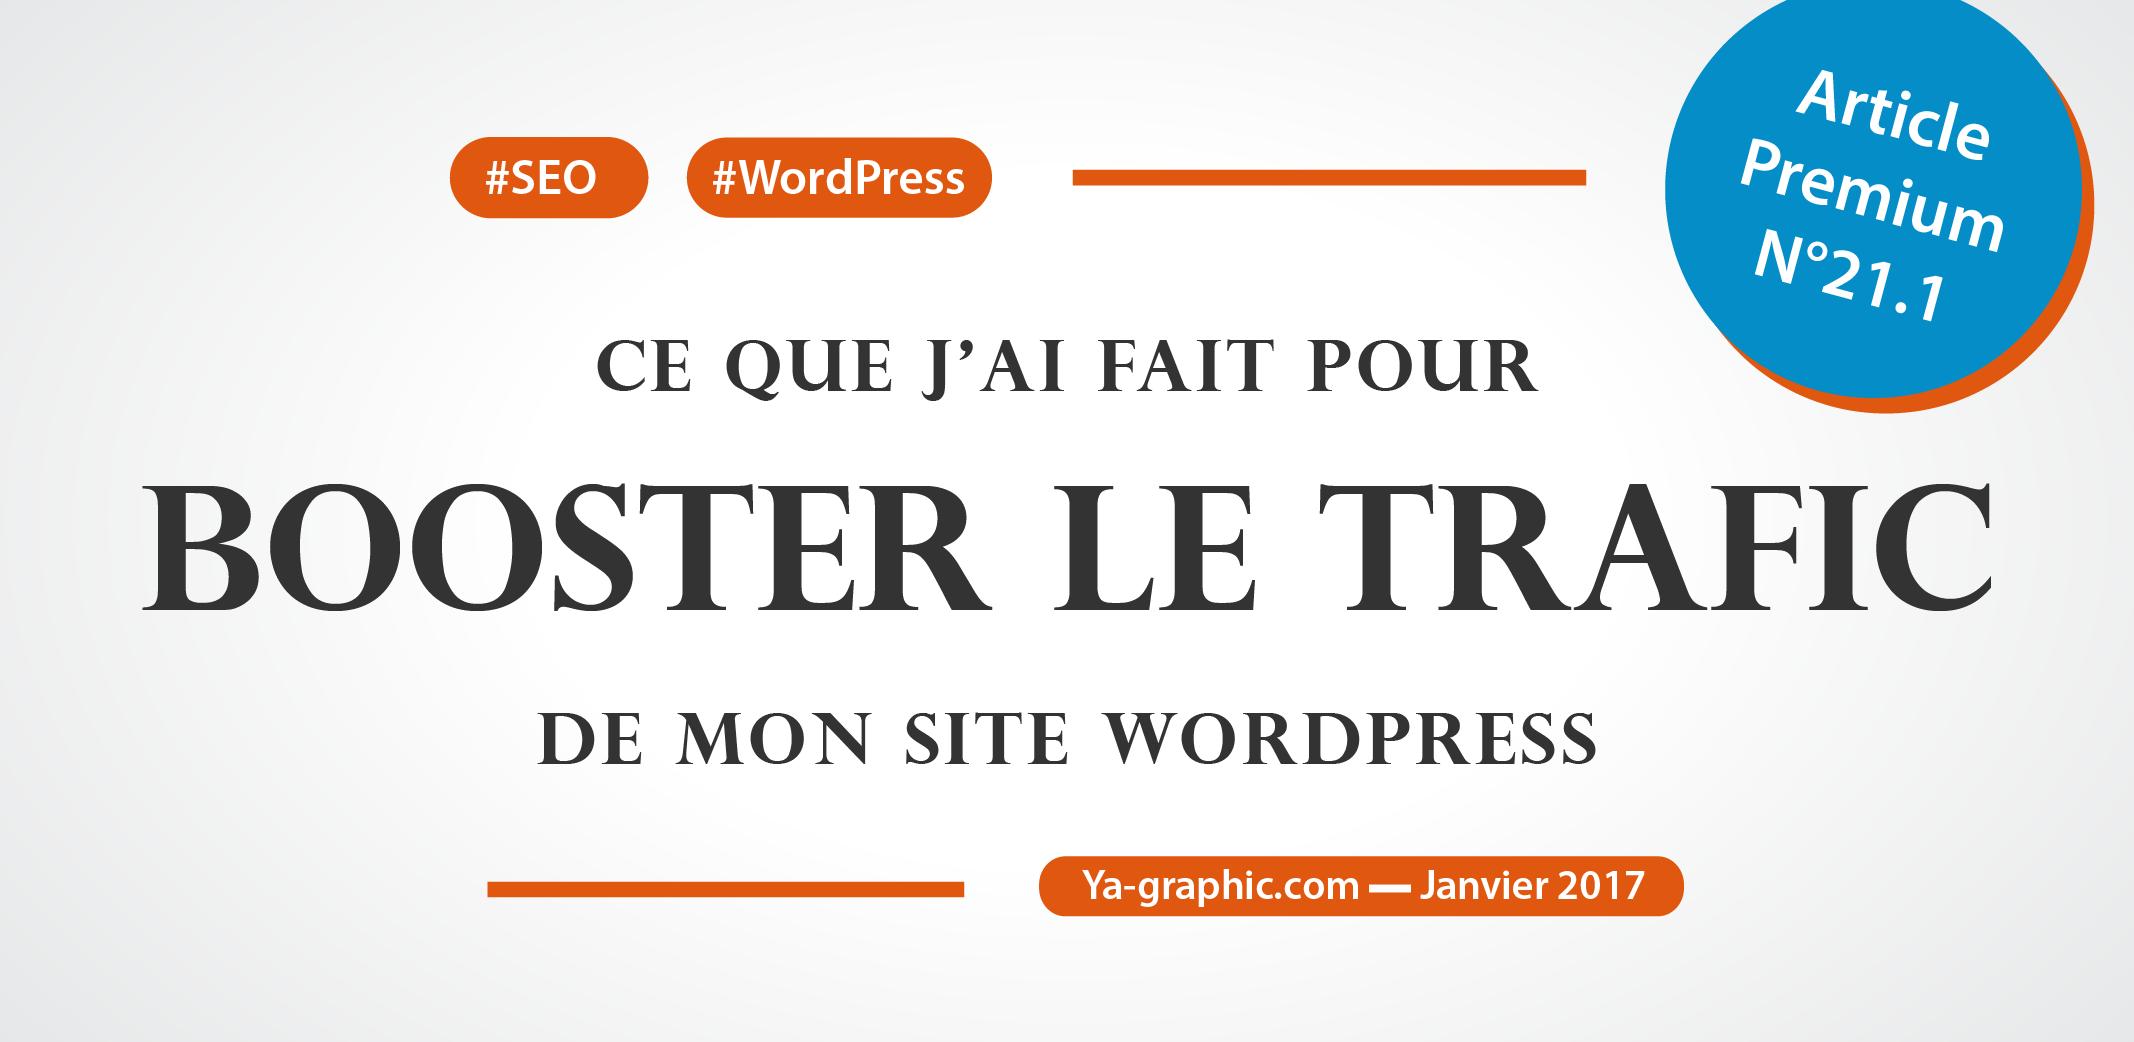 Ya-graphic : Comment j'ai boosté le trafic de mon site WordPress en 6 jours